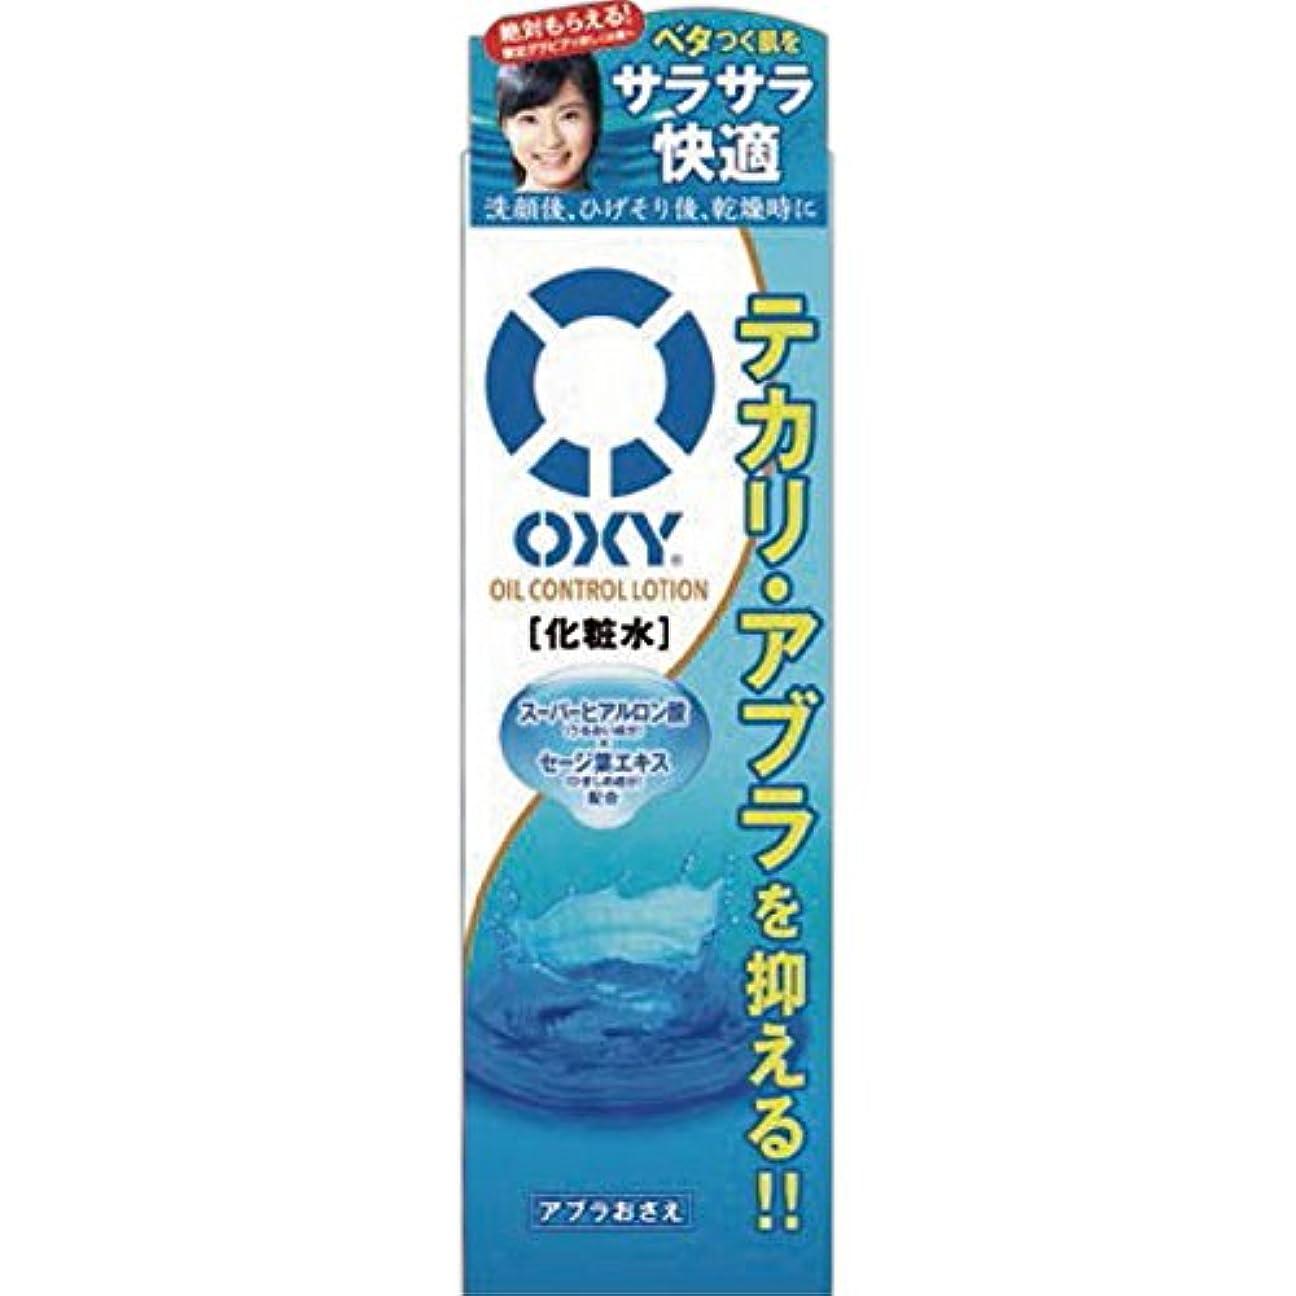 冗長ディベート極めてオキシー (Oxy) オイルコントロールローション スーパーヒアルロン酸×セージ葉エキス配合 ゼラニウムの香 170mL